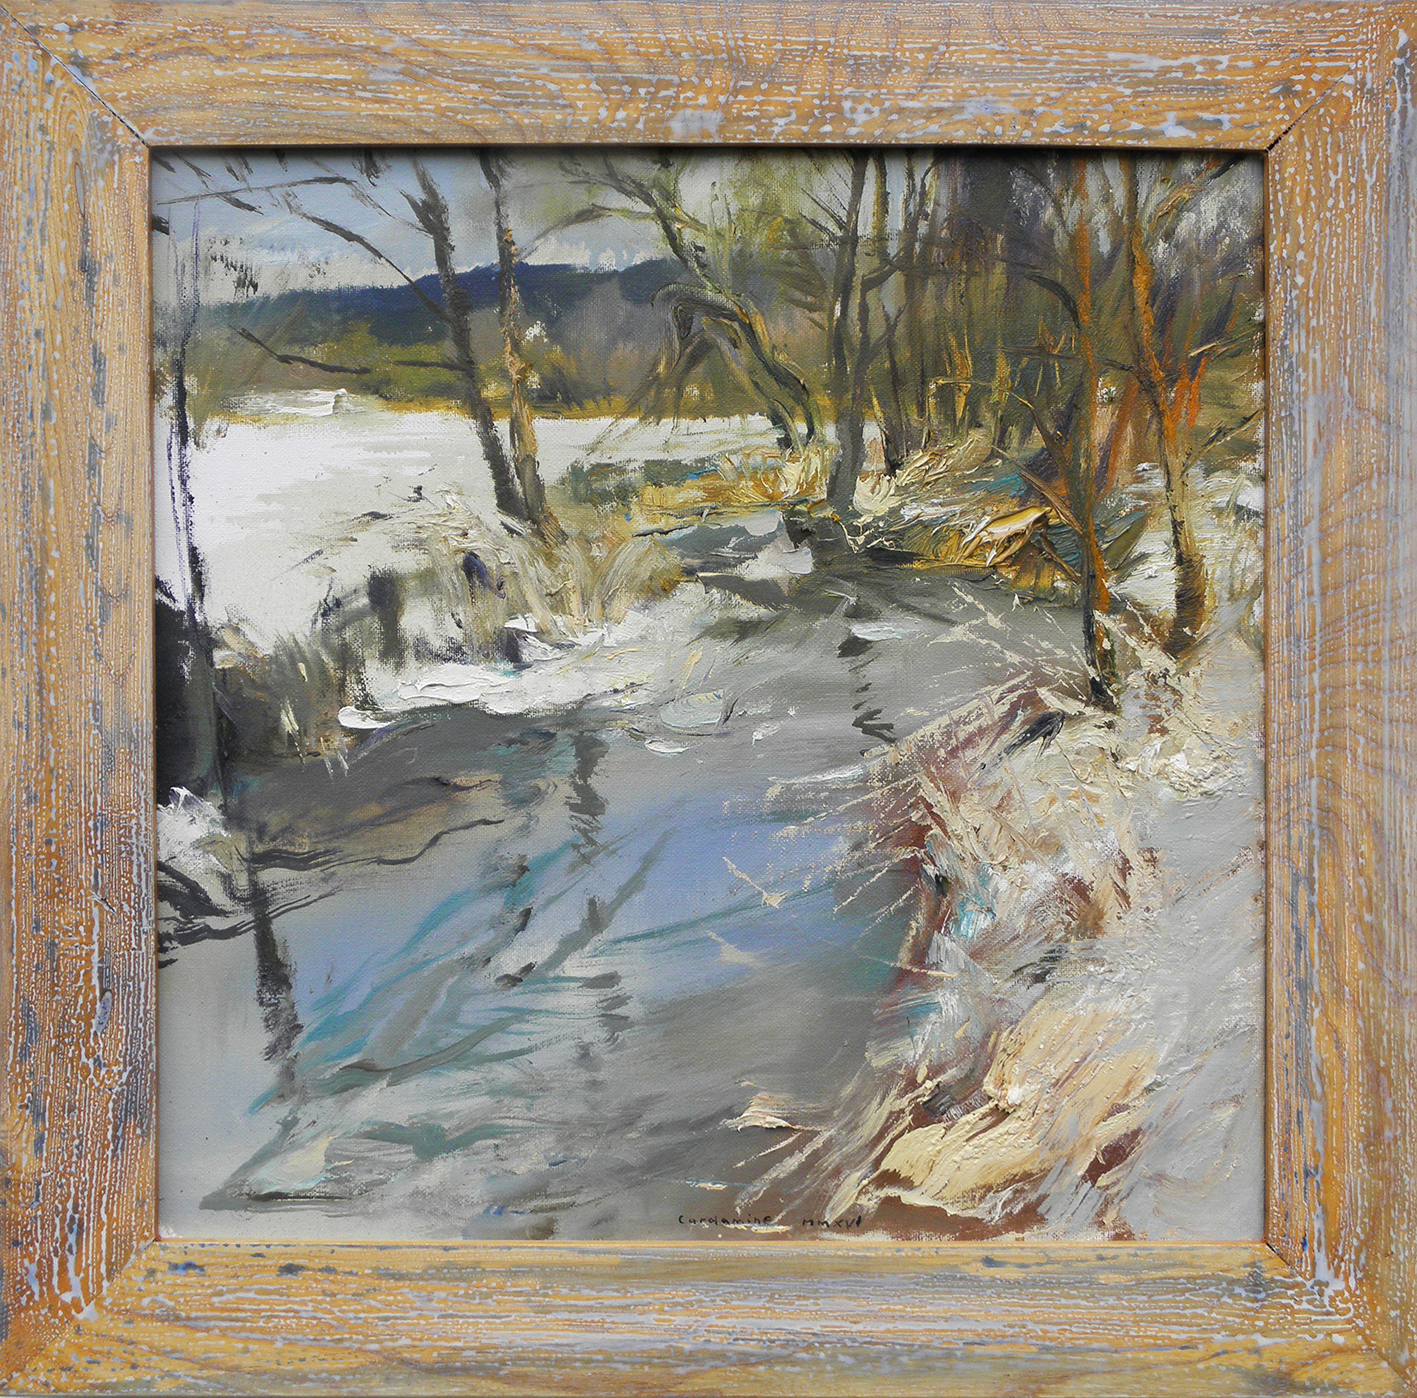 Obraz Tající led napotoce od Jan Řeřicha Cardamine